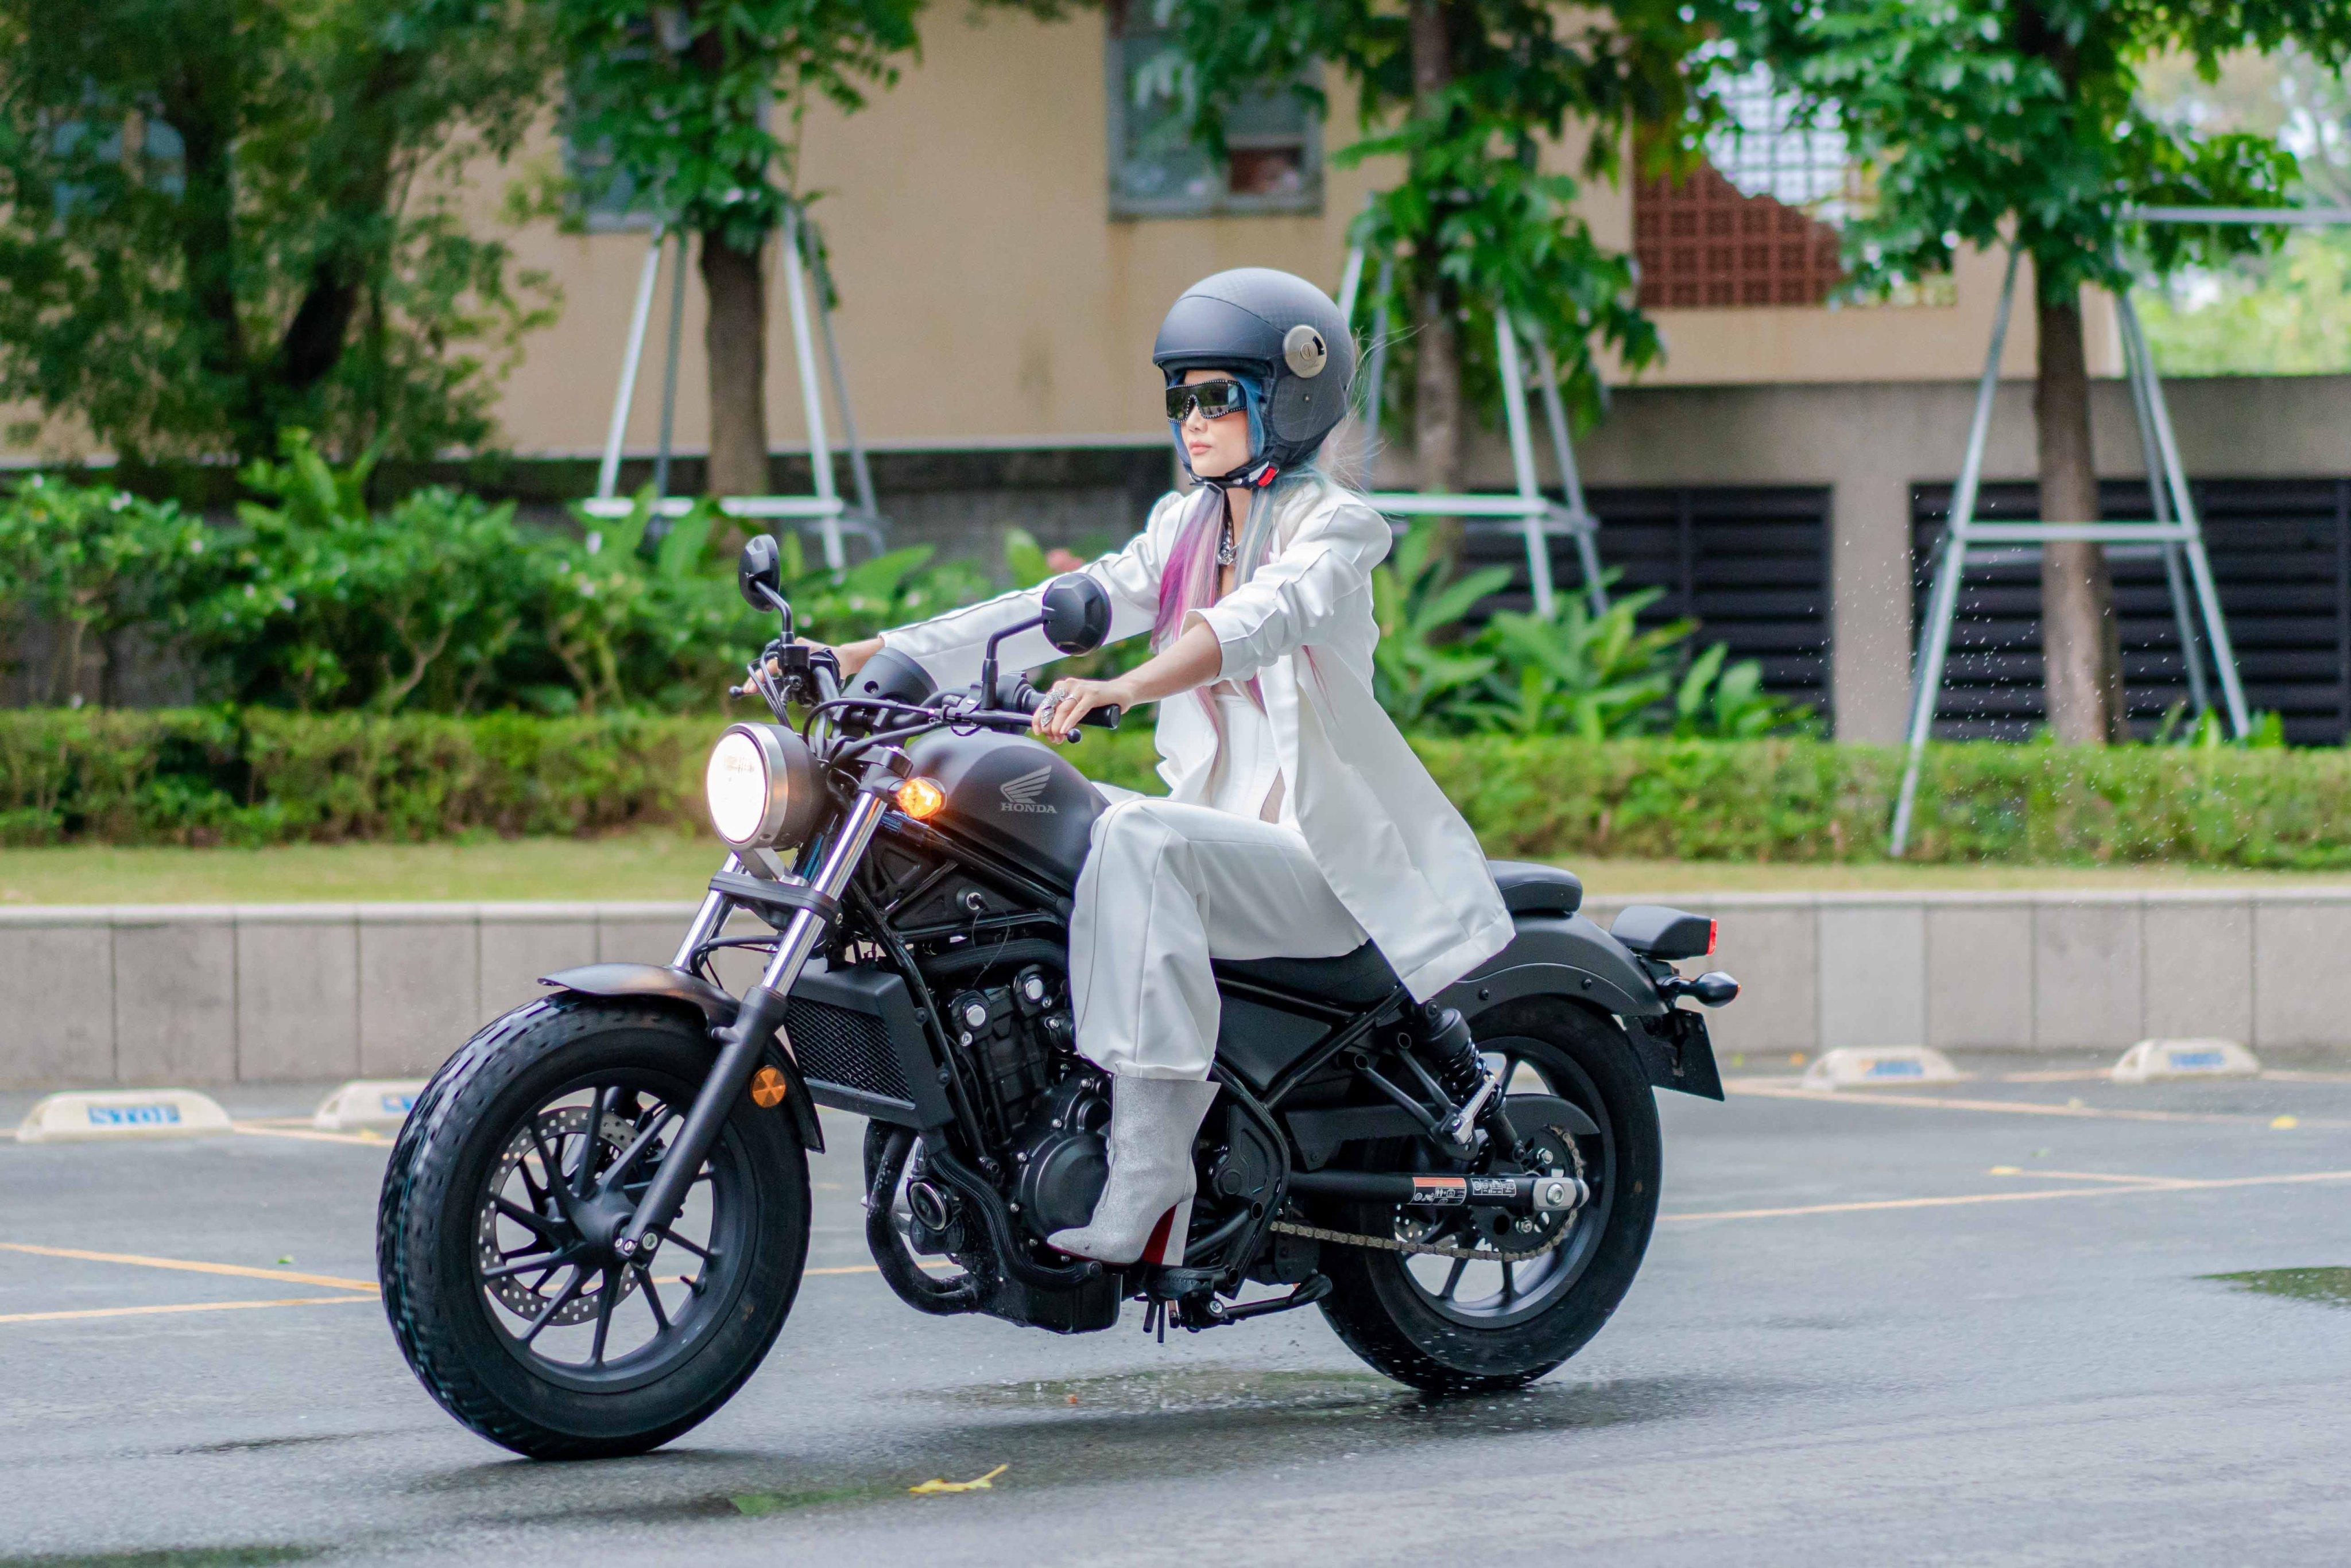 """Hoa hậu H'Hen Niê """"nổi loạn"""" mặc hở bạo, lái mô tô dự sự kiện gây choáng - 1"""